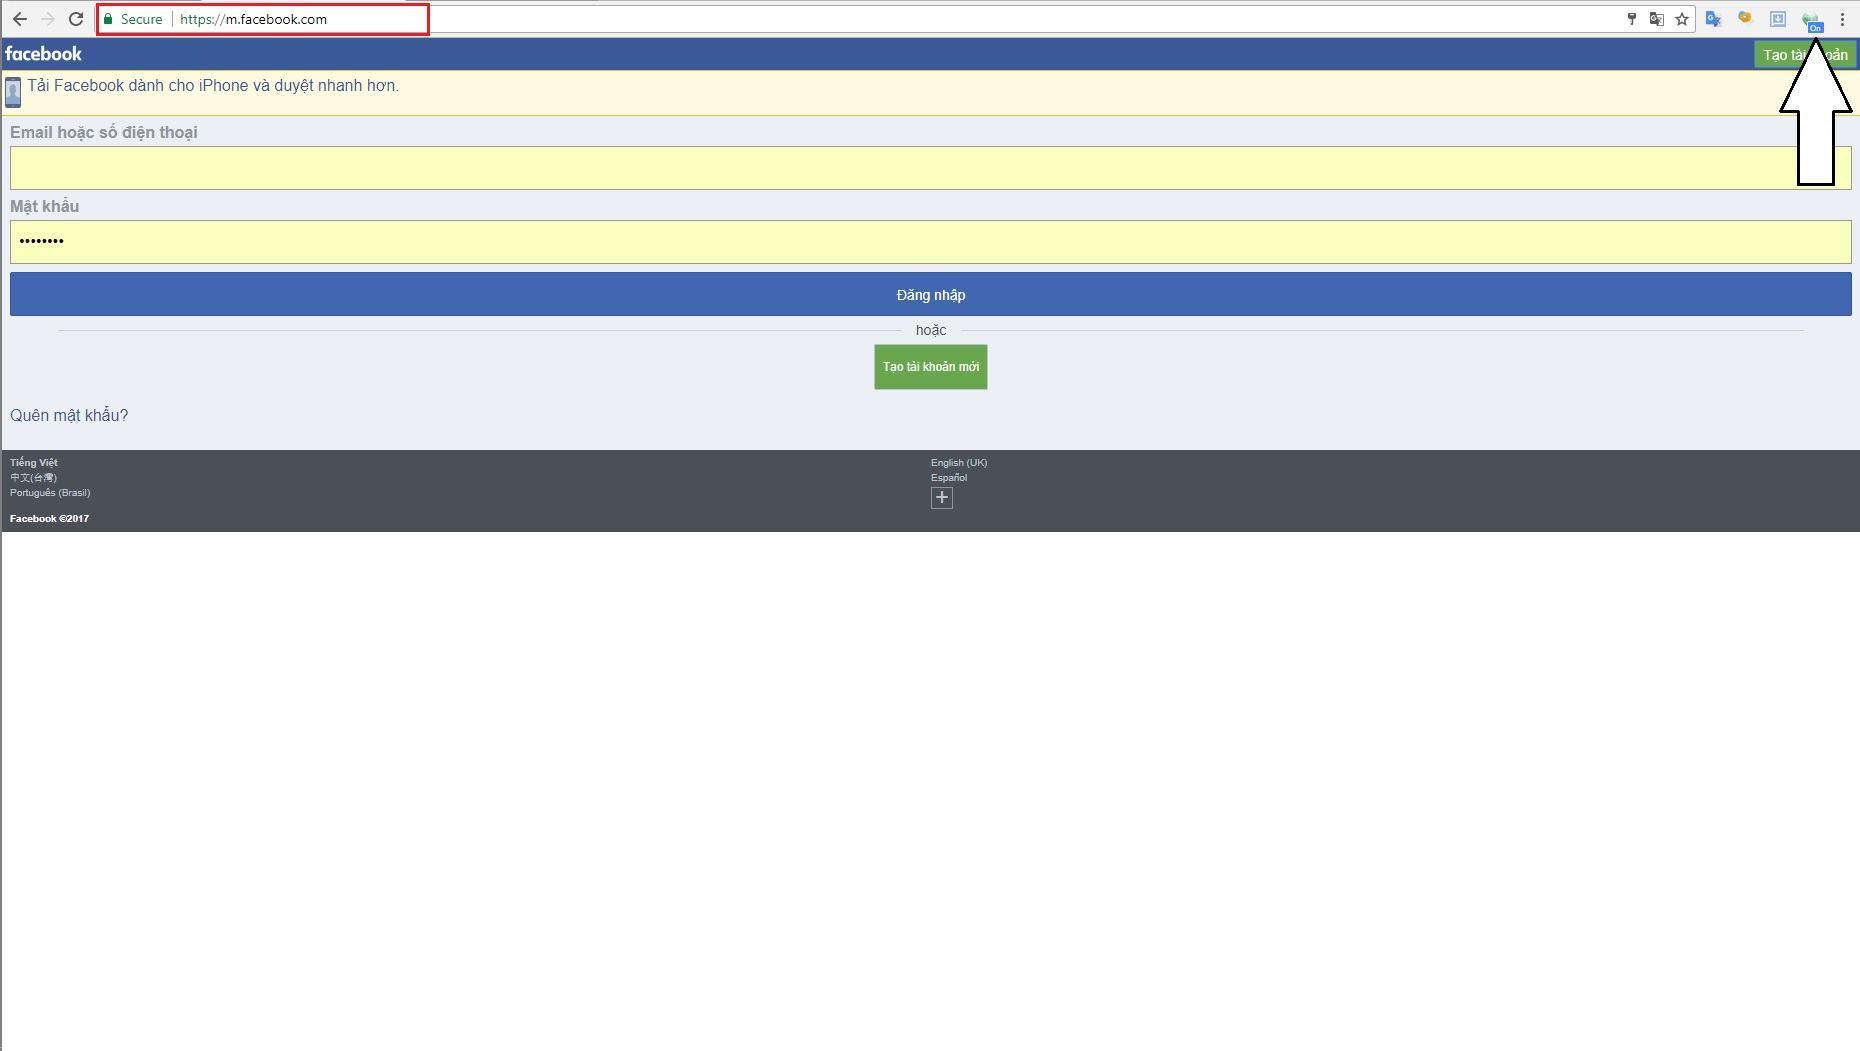 Vô hiệu hóa Facebook Malware Scanner - image 4 on https://www.atpsoftware.vn